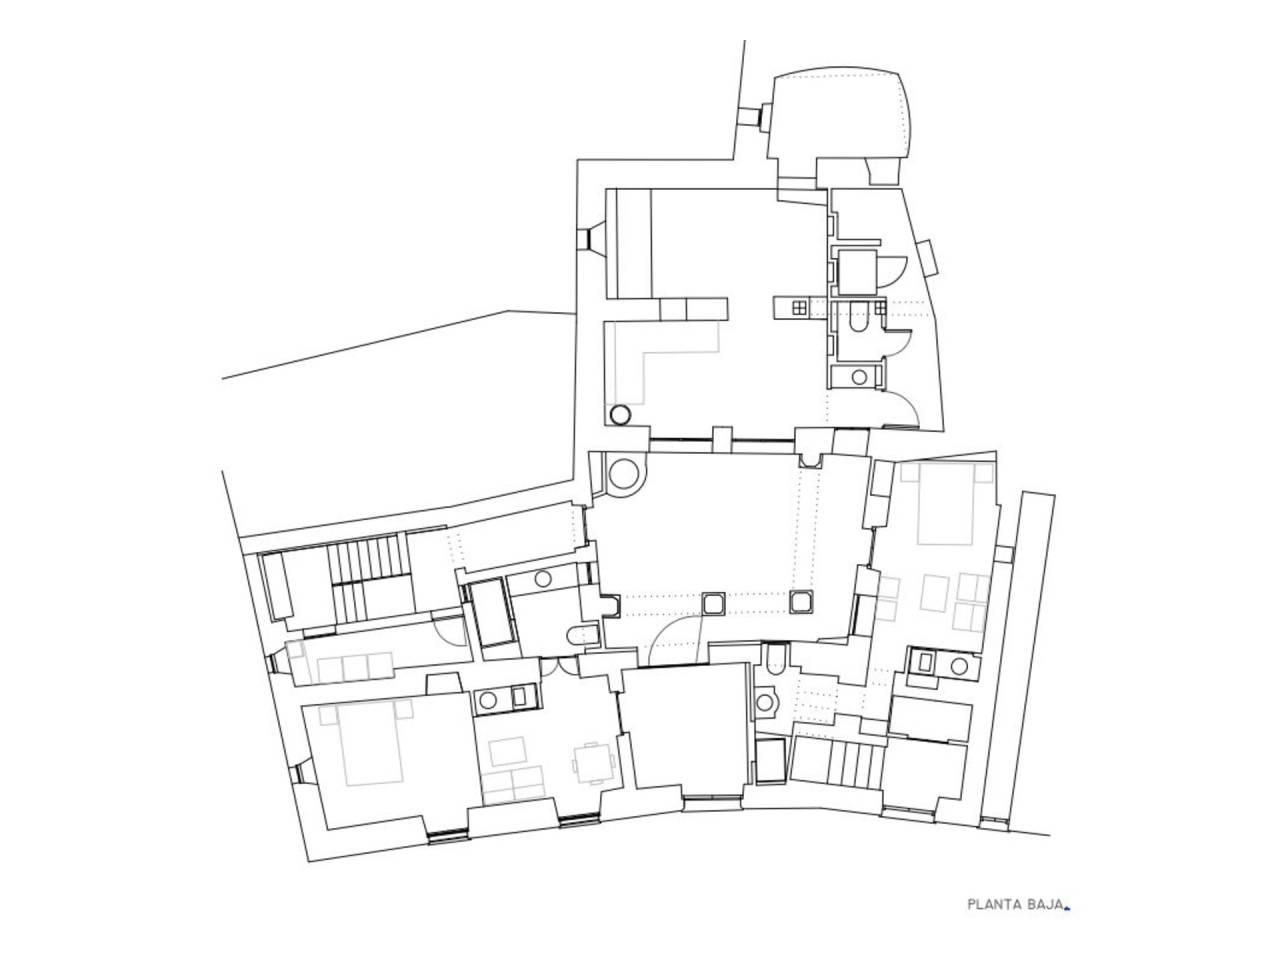 Imagen 43 de Casa-hotel en el centro del casco antiguo de Vejer de la Frontera a 12 minutos de la playa